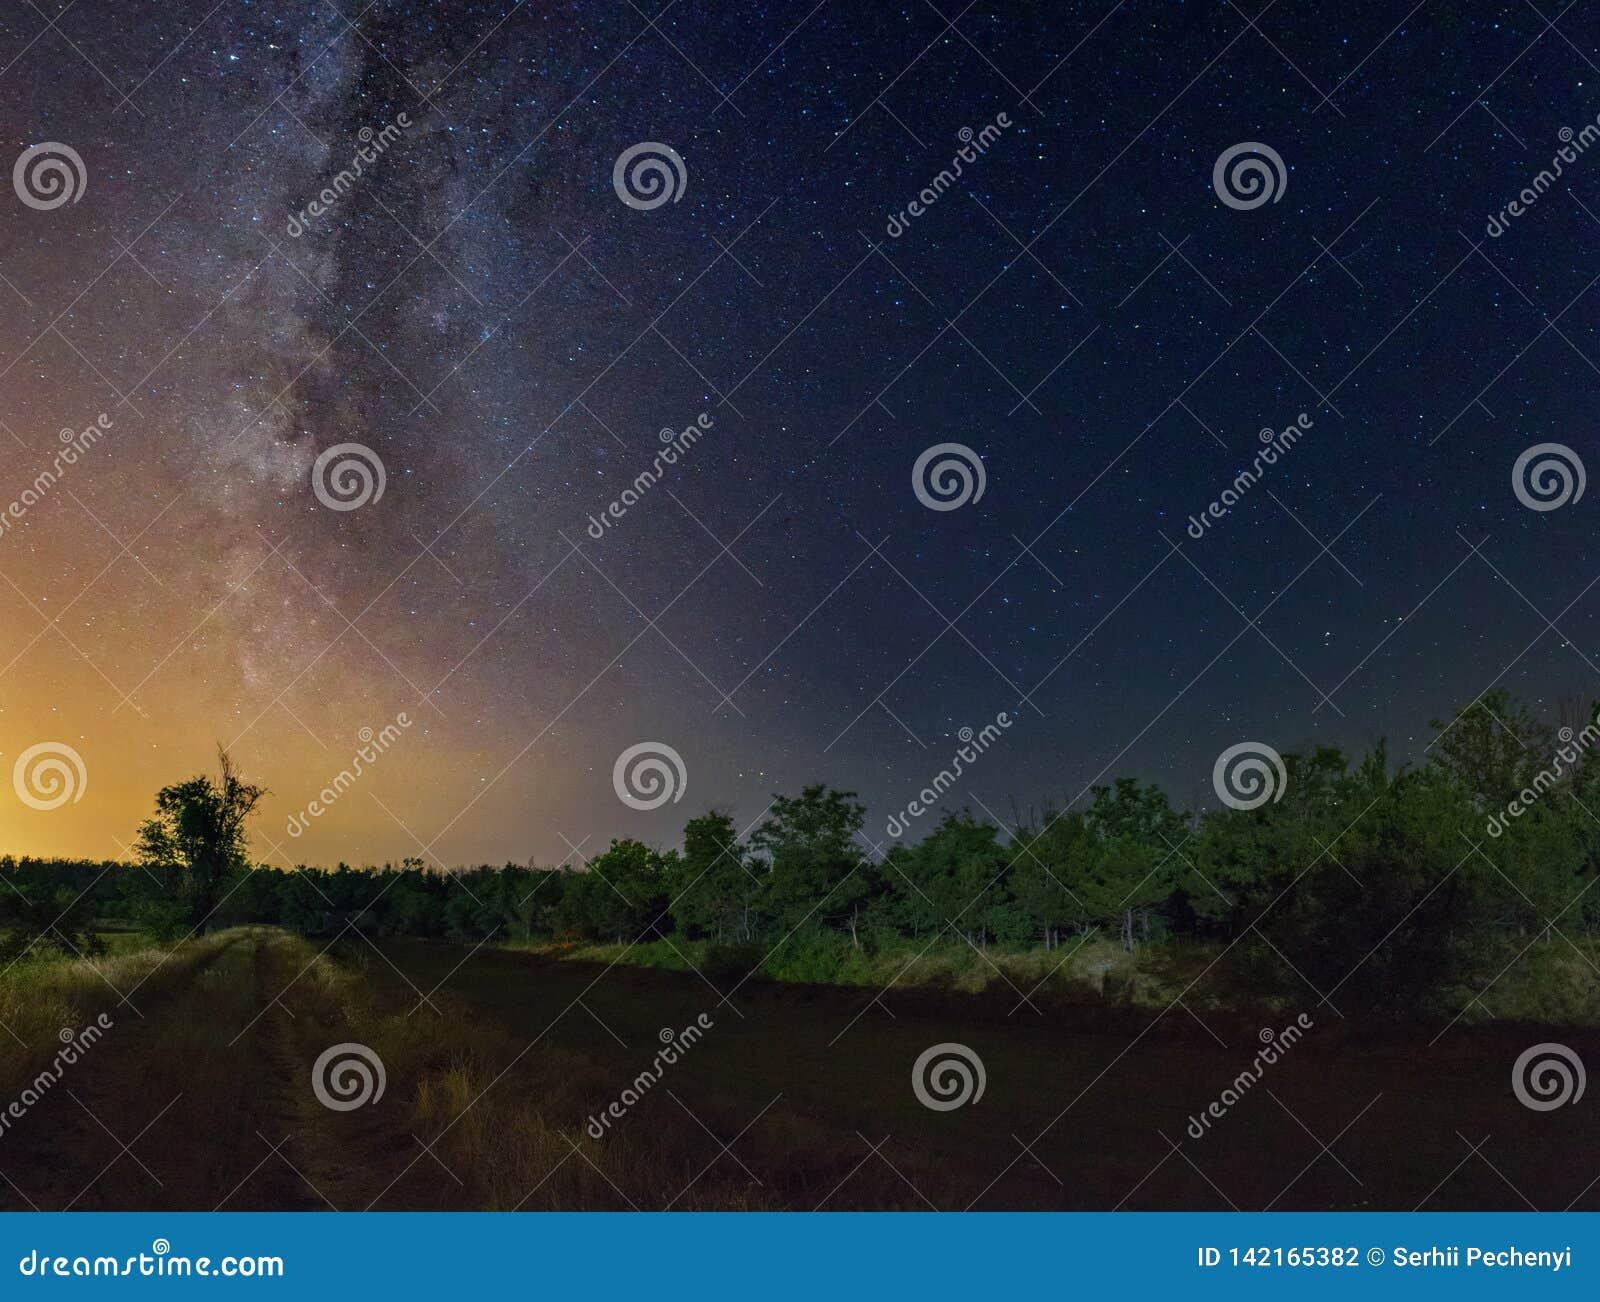 Έναστρος ουρανός με το γαλακτώδη γαλαξία τρόπων πέρα από το αγροτικό τοπίο θερινής νύχτας